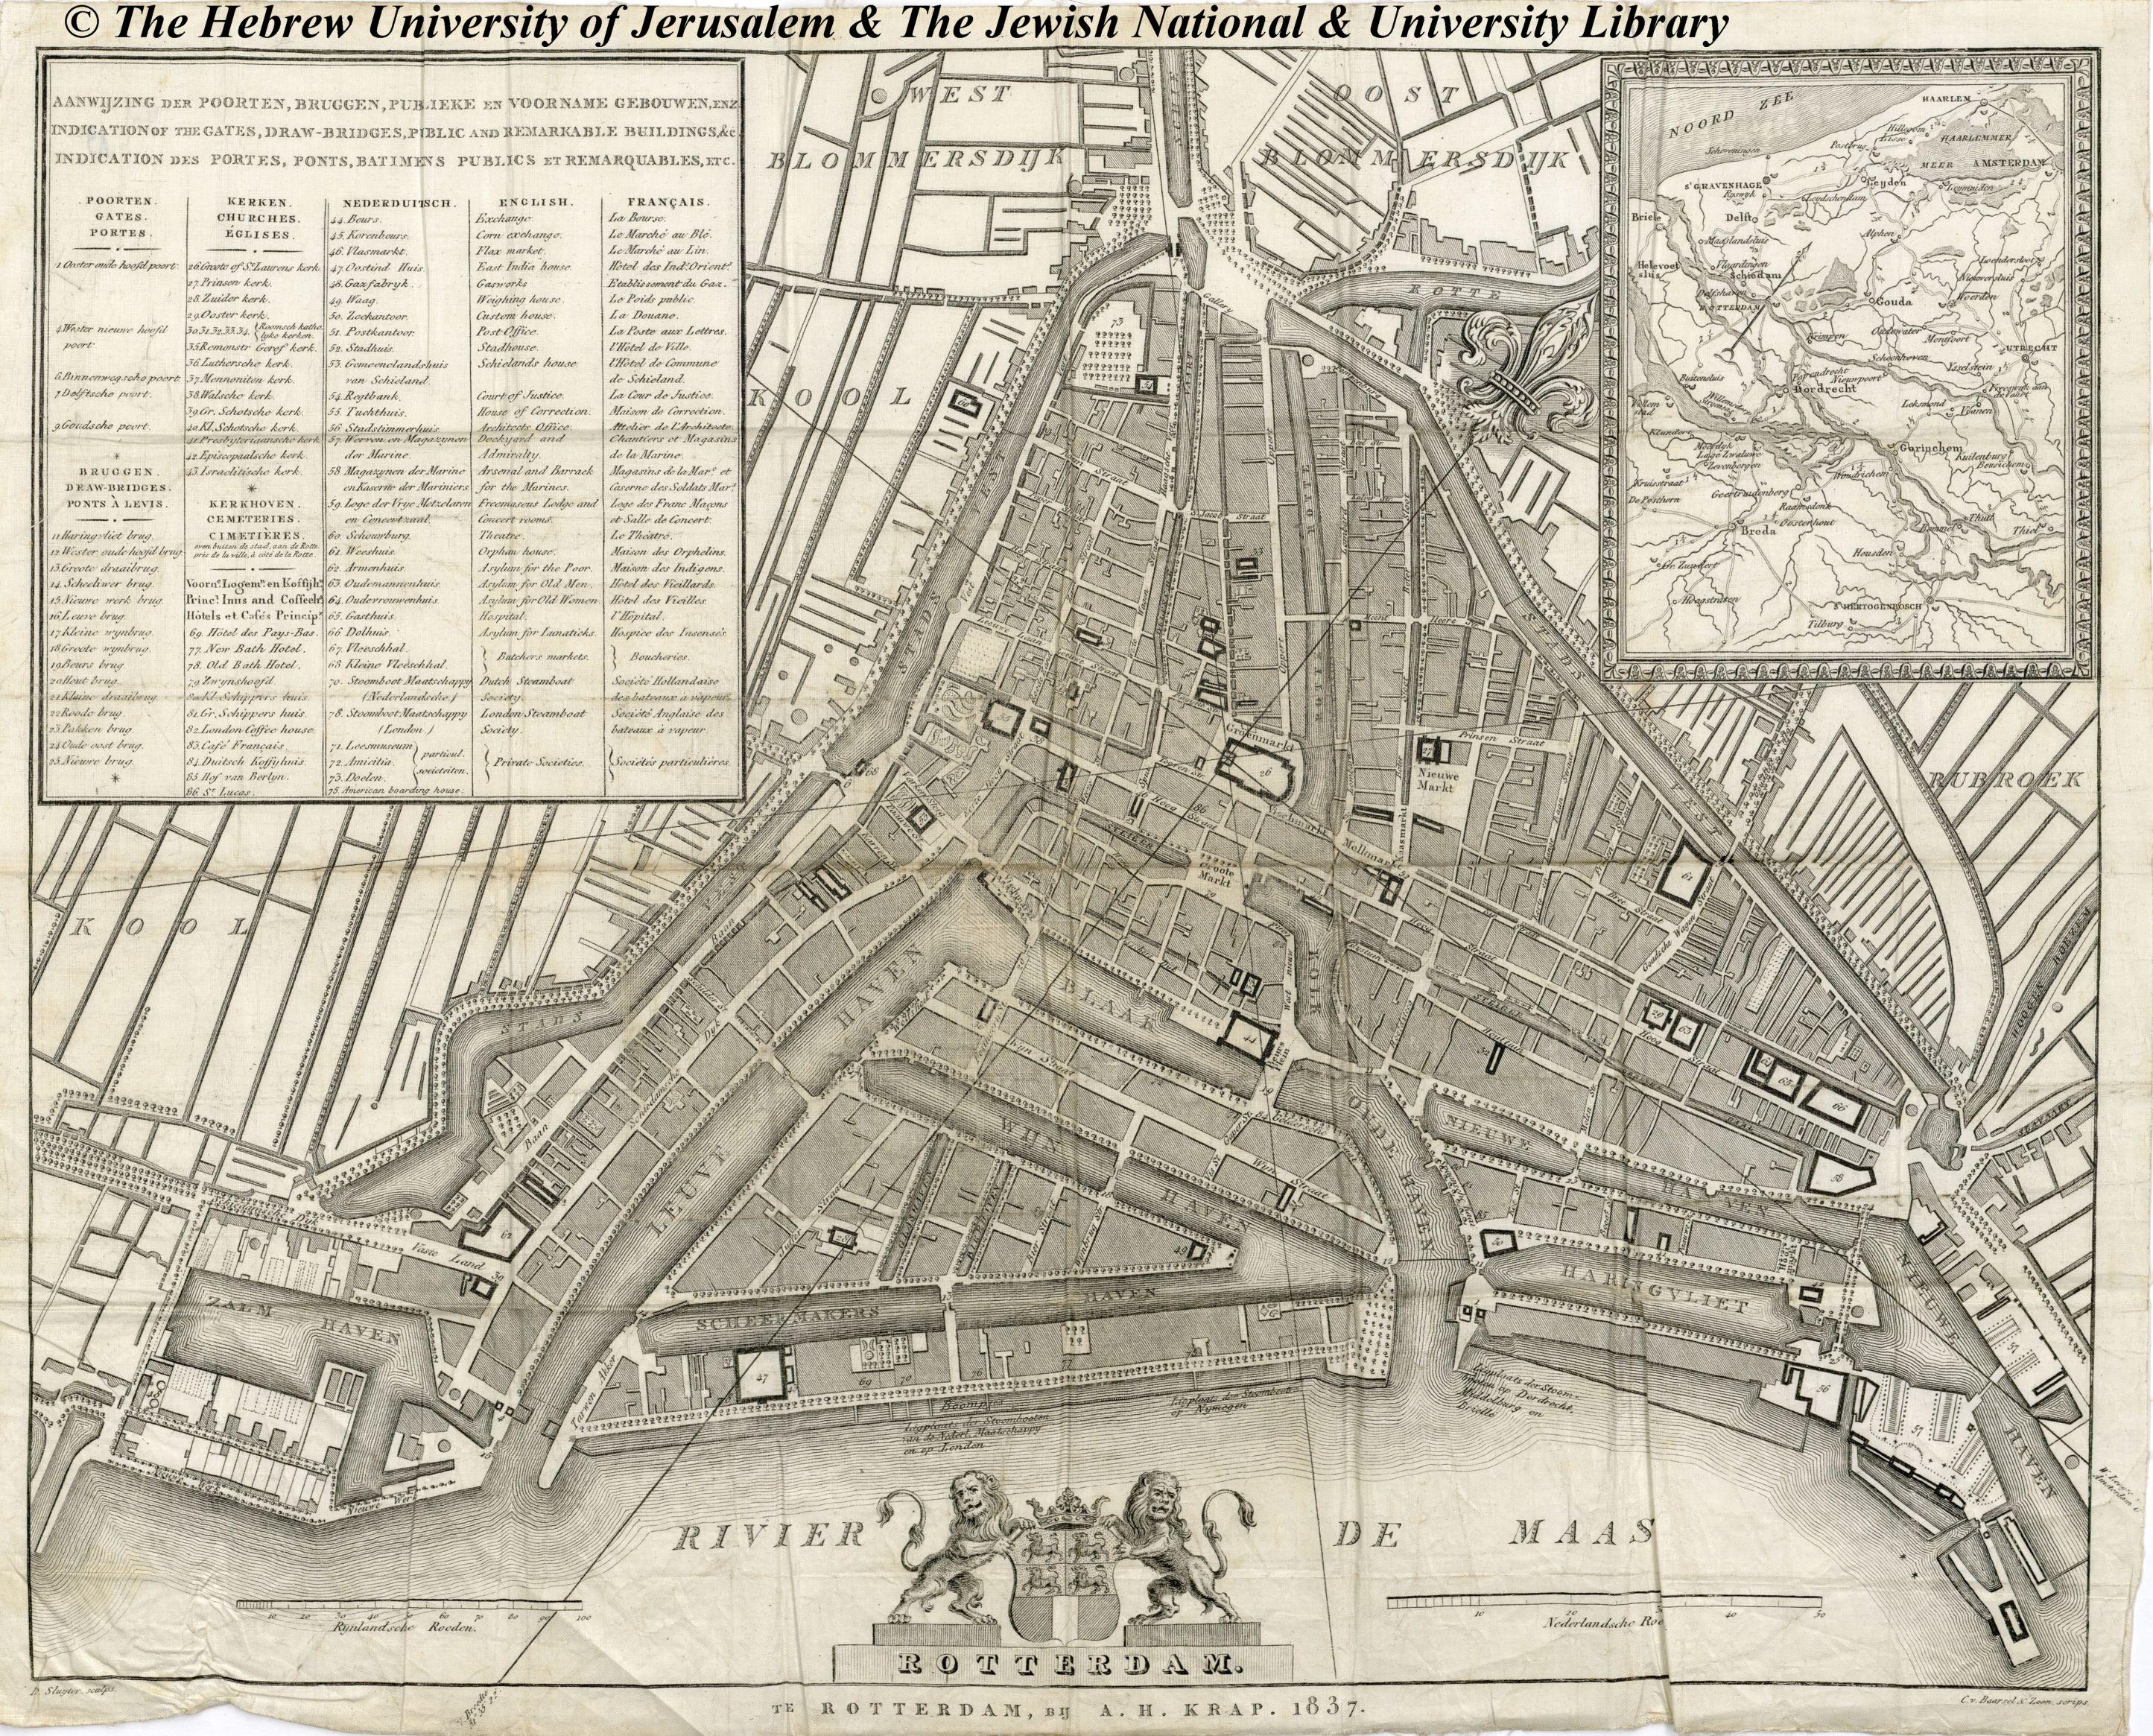 Rotterdam kaart A.H. Krap 1837